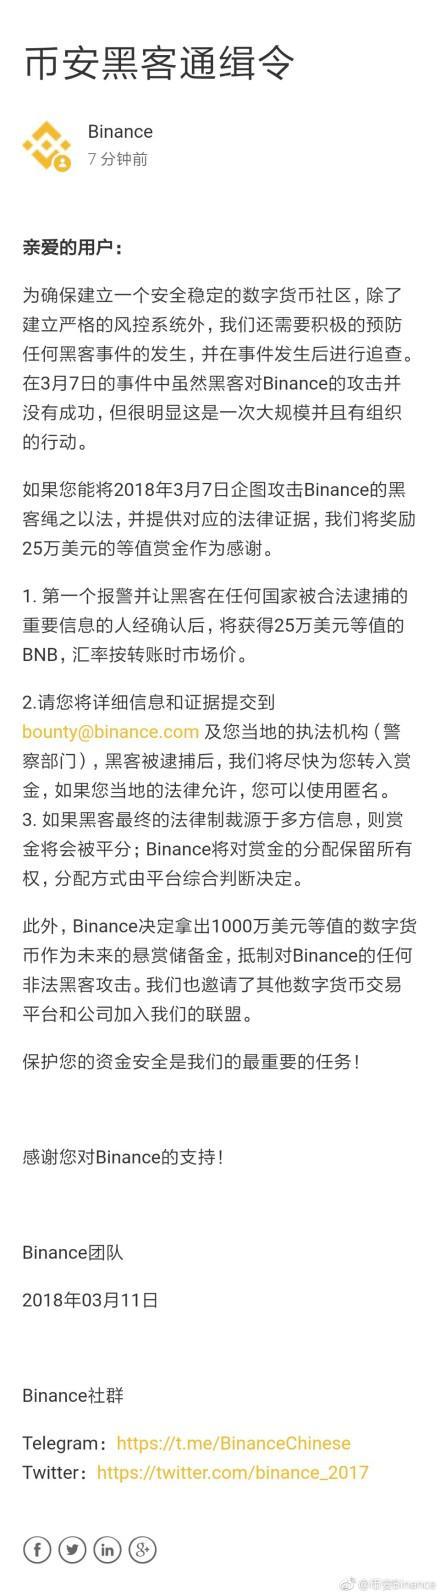 币安发布黑客通缉令 将奖励25万美元的等值赏金